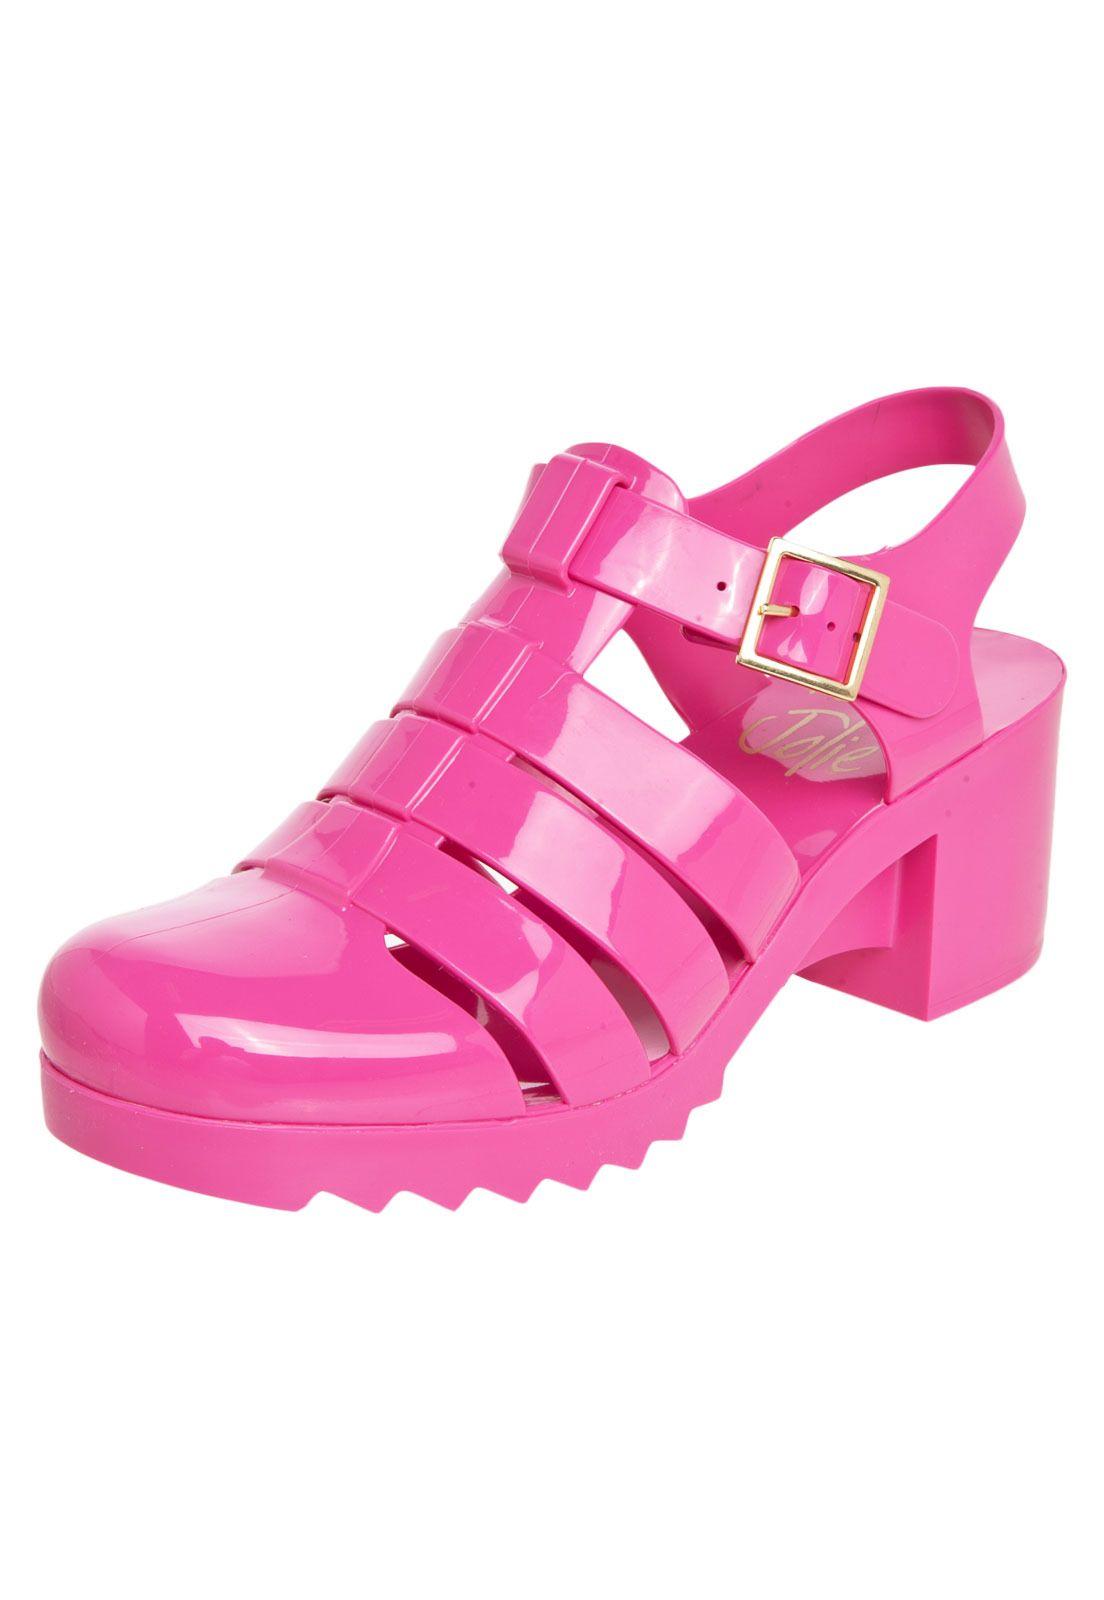 60068c8f5 Sandália Petite Jolie Rosa | Shoes | Shoes, Sandals e Fashion